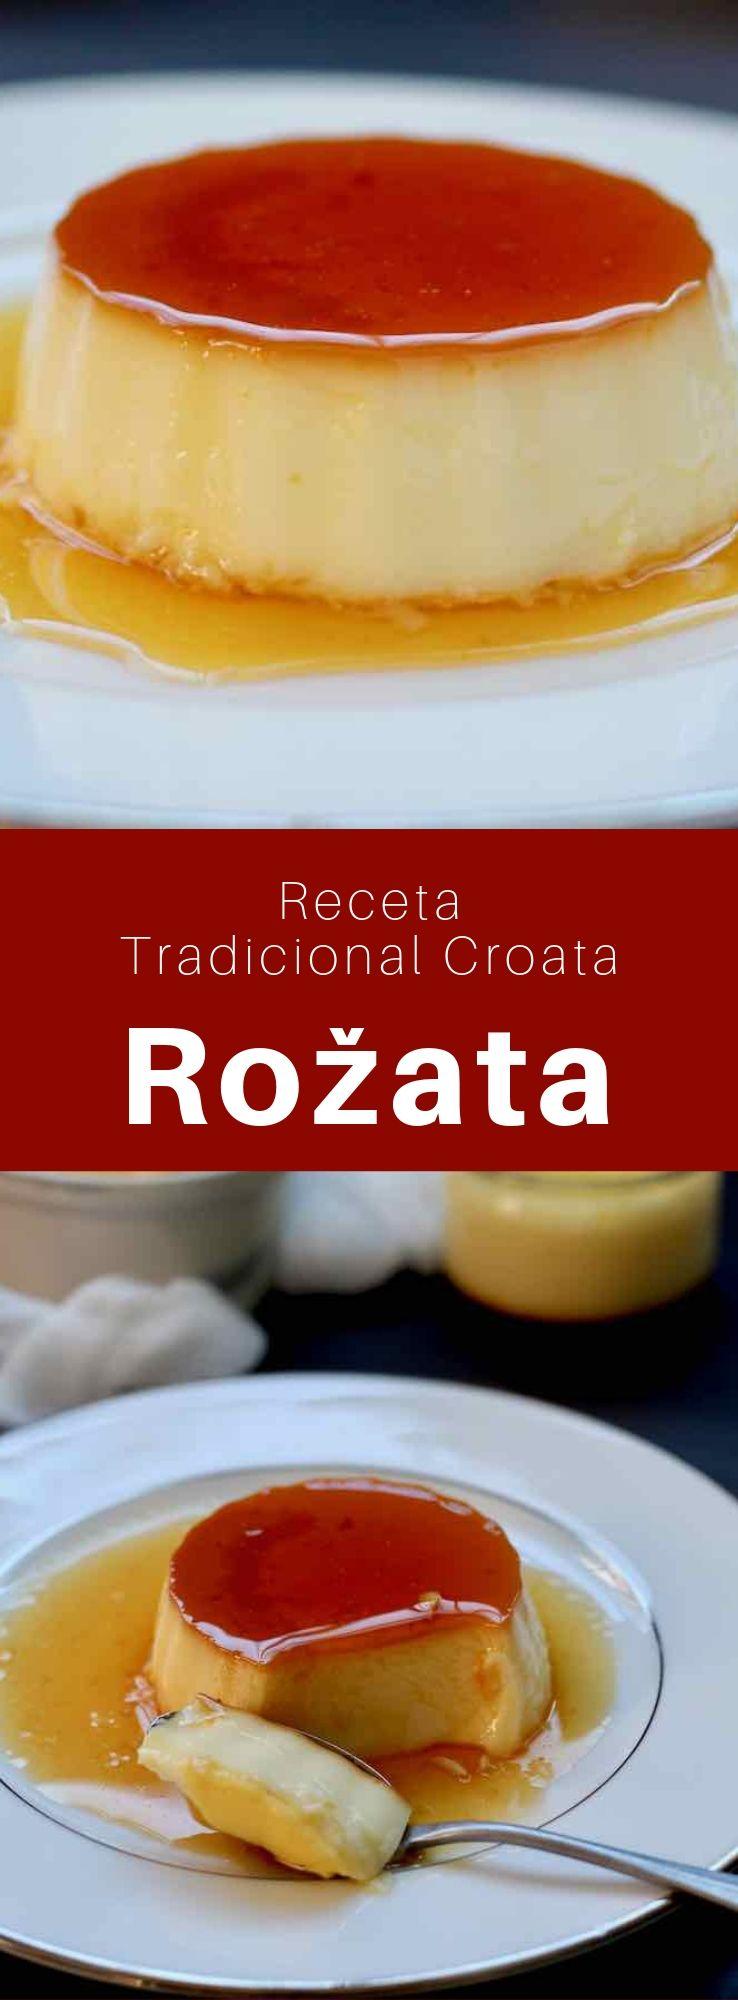 La rožata, rozata, rožada o rozada es un budín cremoso croata, de la región de Dubrovnik, que se parece a las natillas y a la crème brûlée.